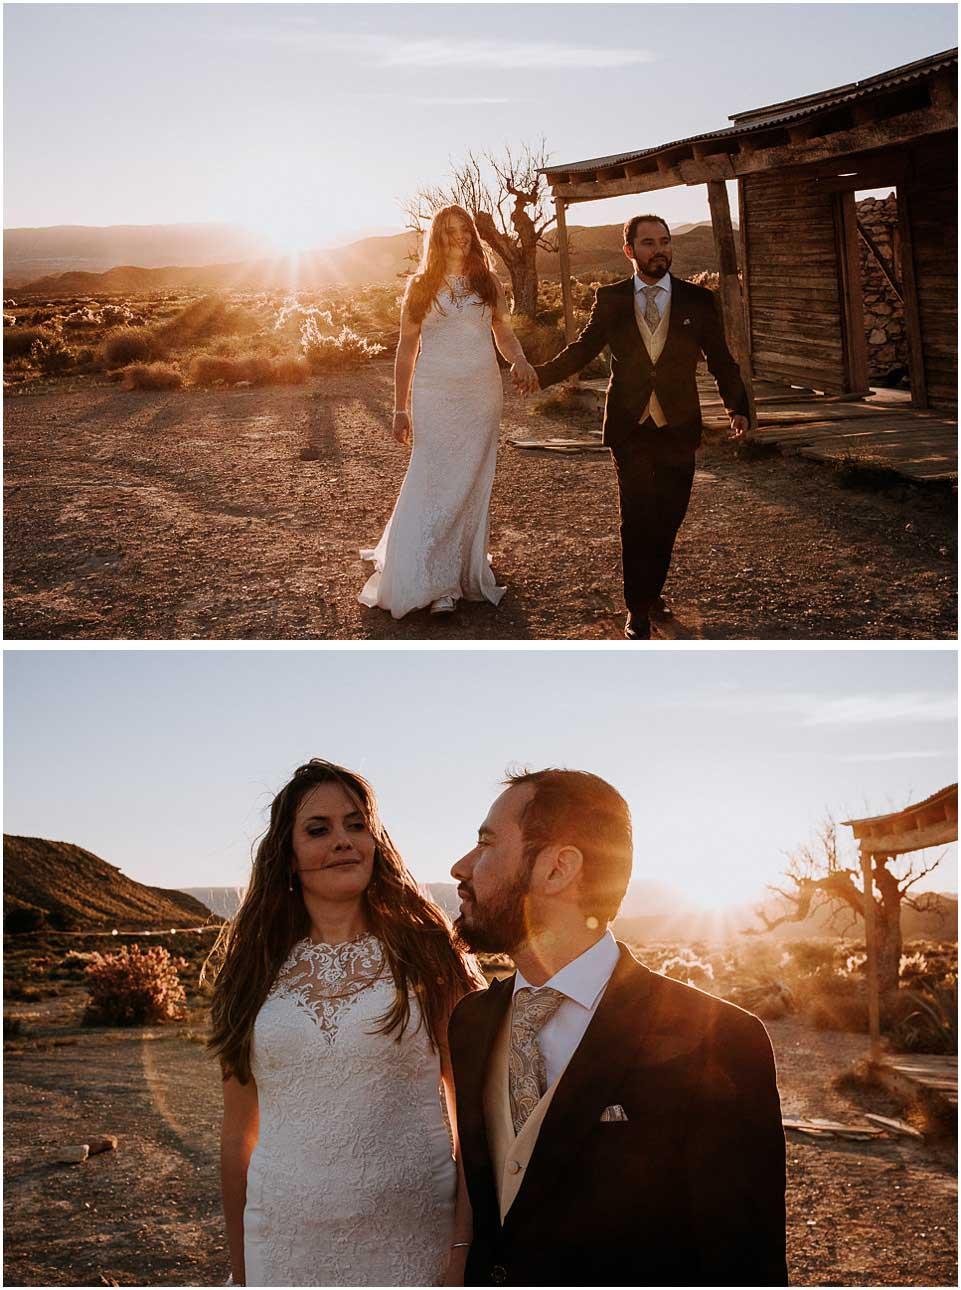 fotografia de postboda en el desierto de almeria